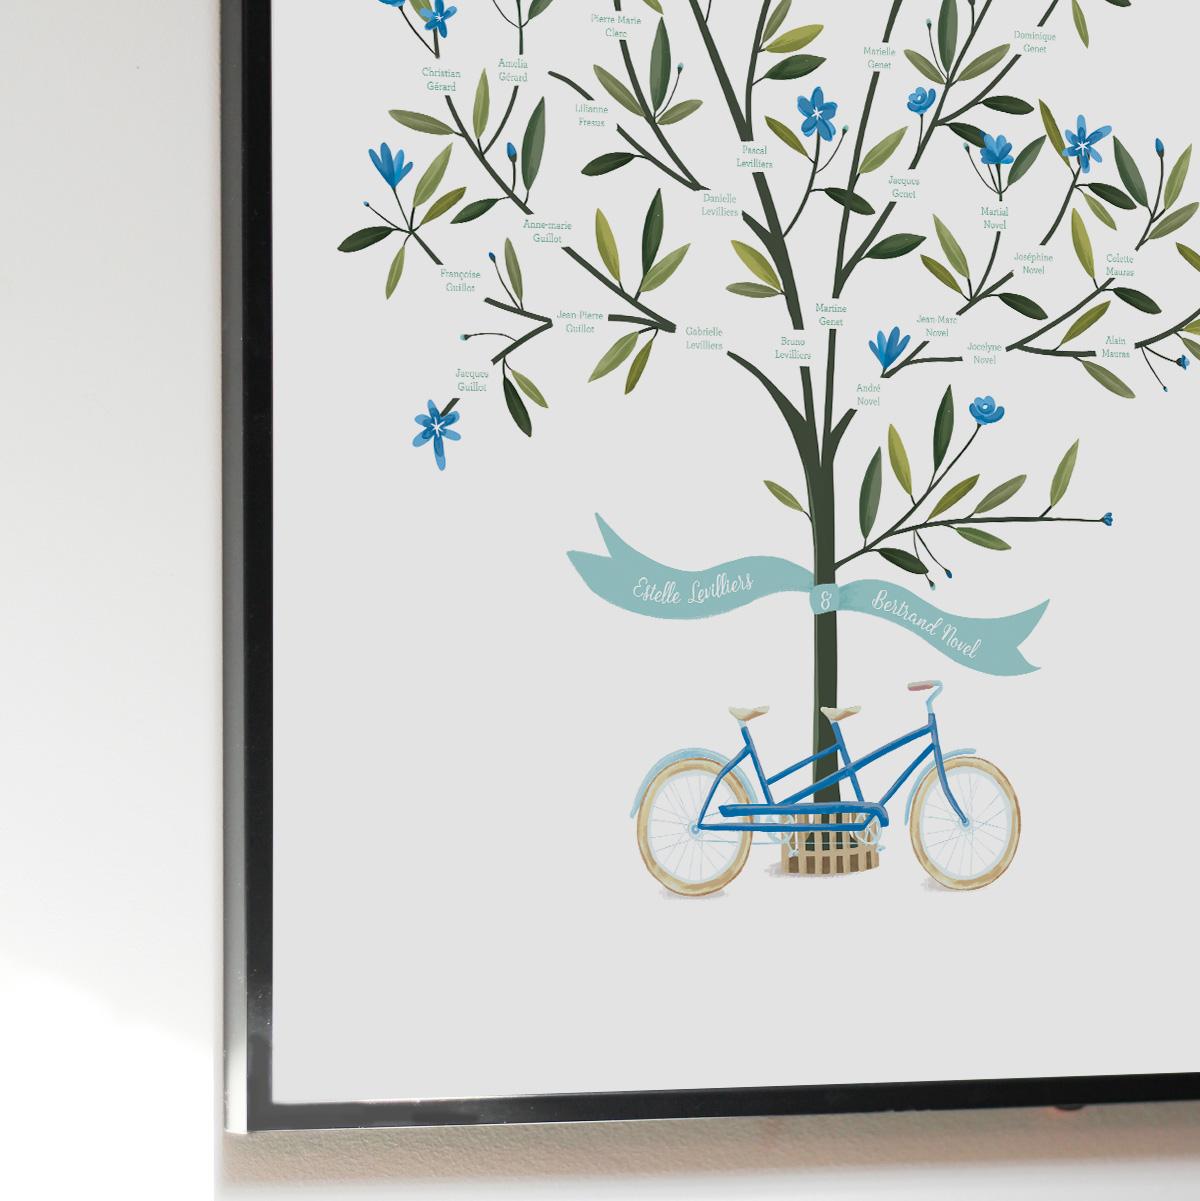 Arbre généalogique personnalisé avec dessin d'un arbre et vélo tandem. Poster imprimé